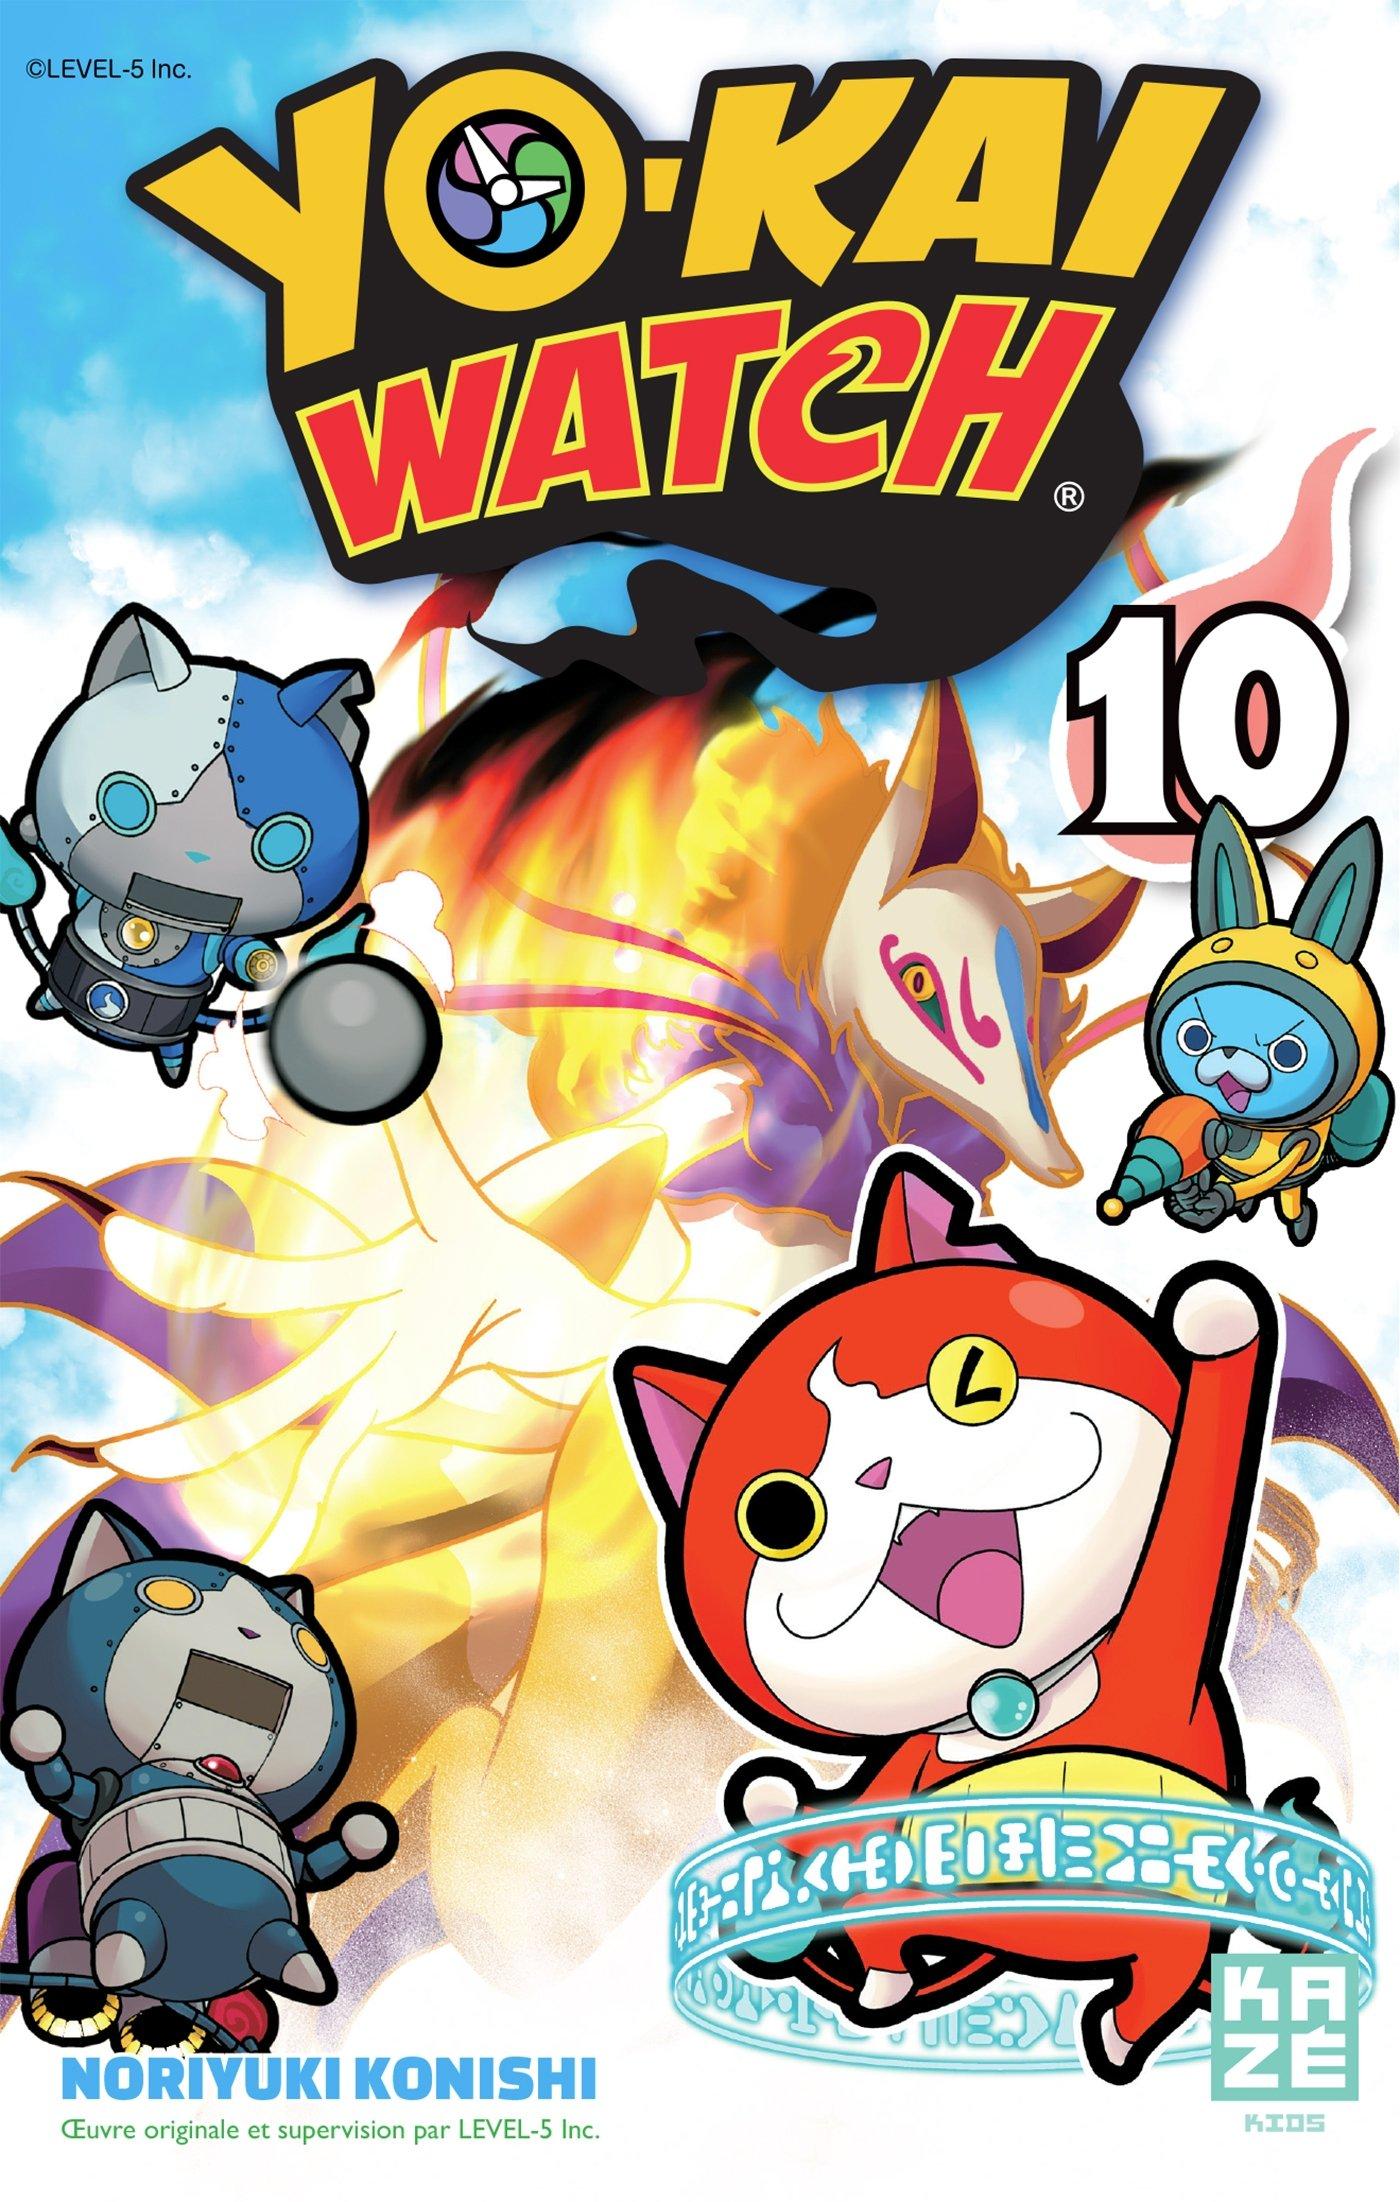 Yo-kai watch 10